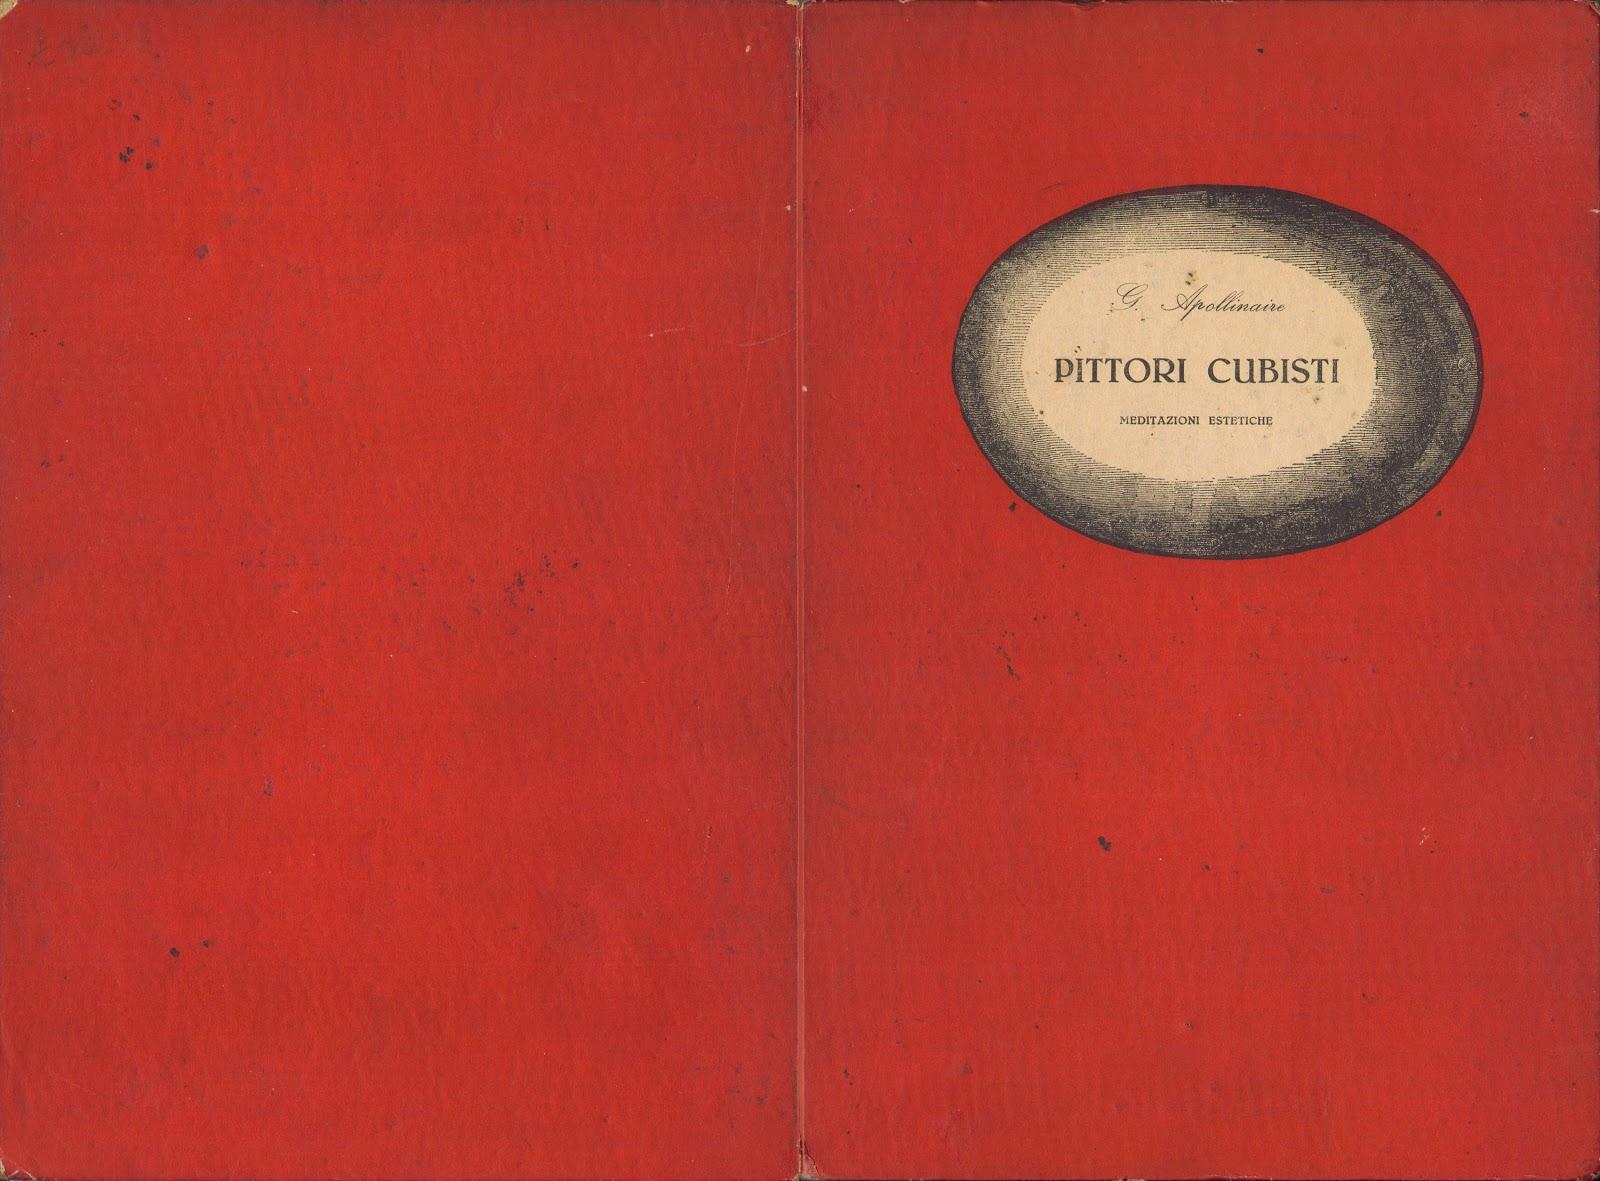 Le non-recensioni di Gcm: Il cubismo e Picasso raccontati da ...